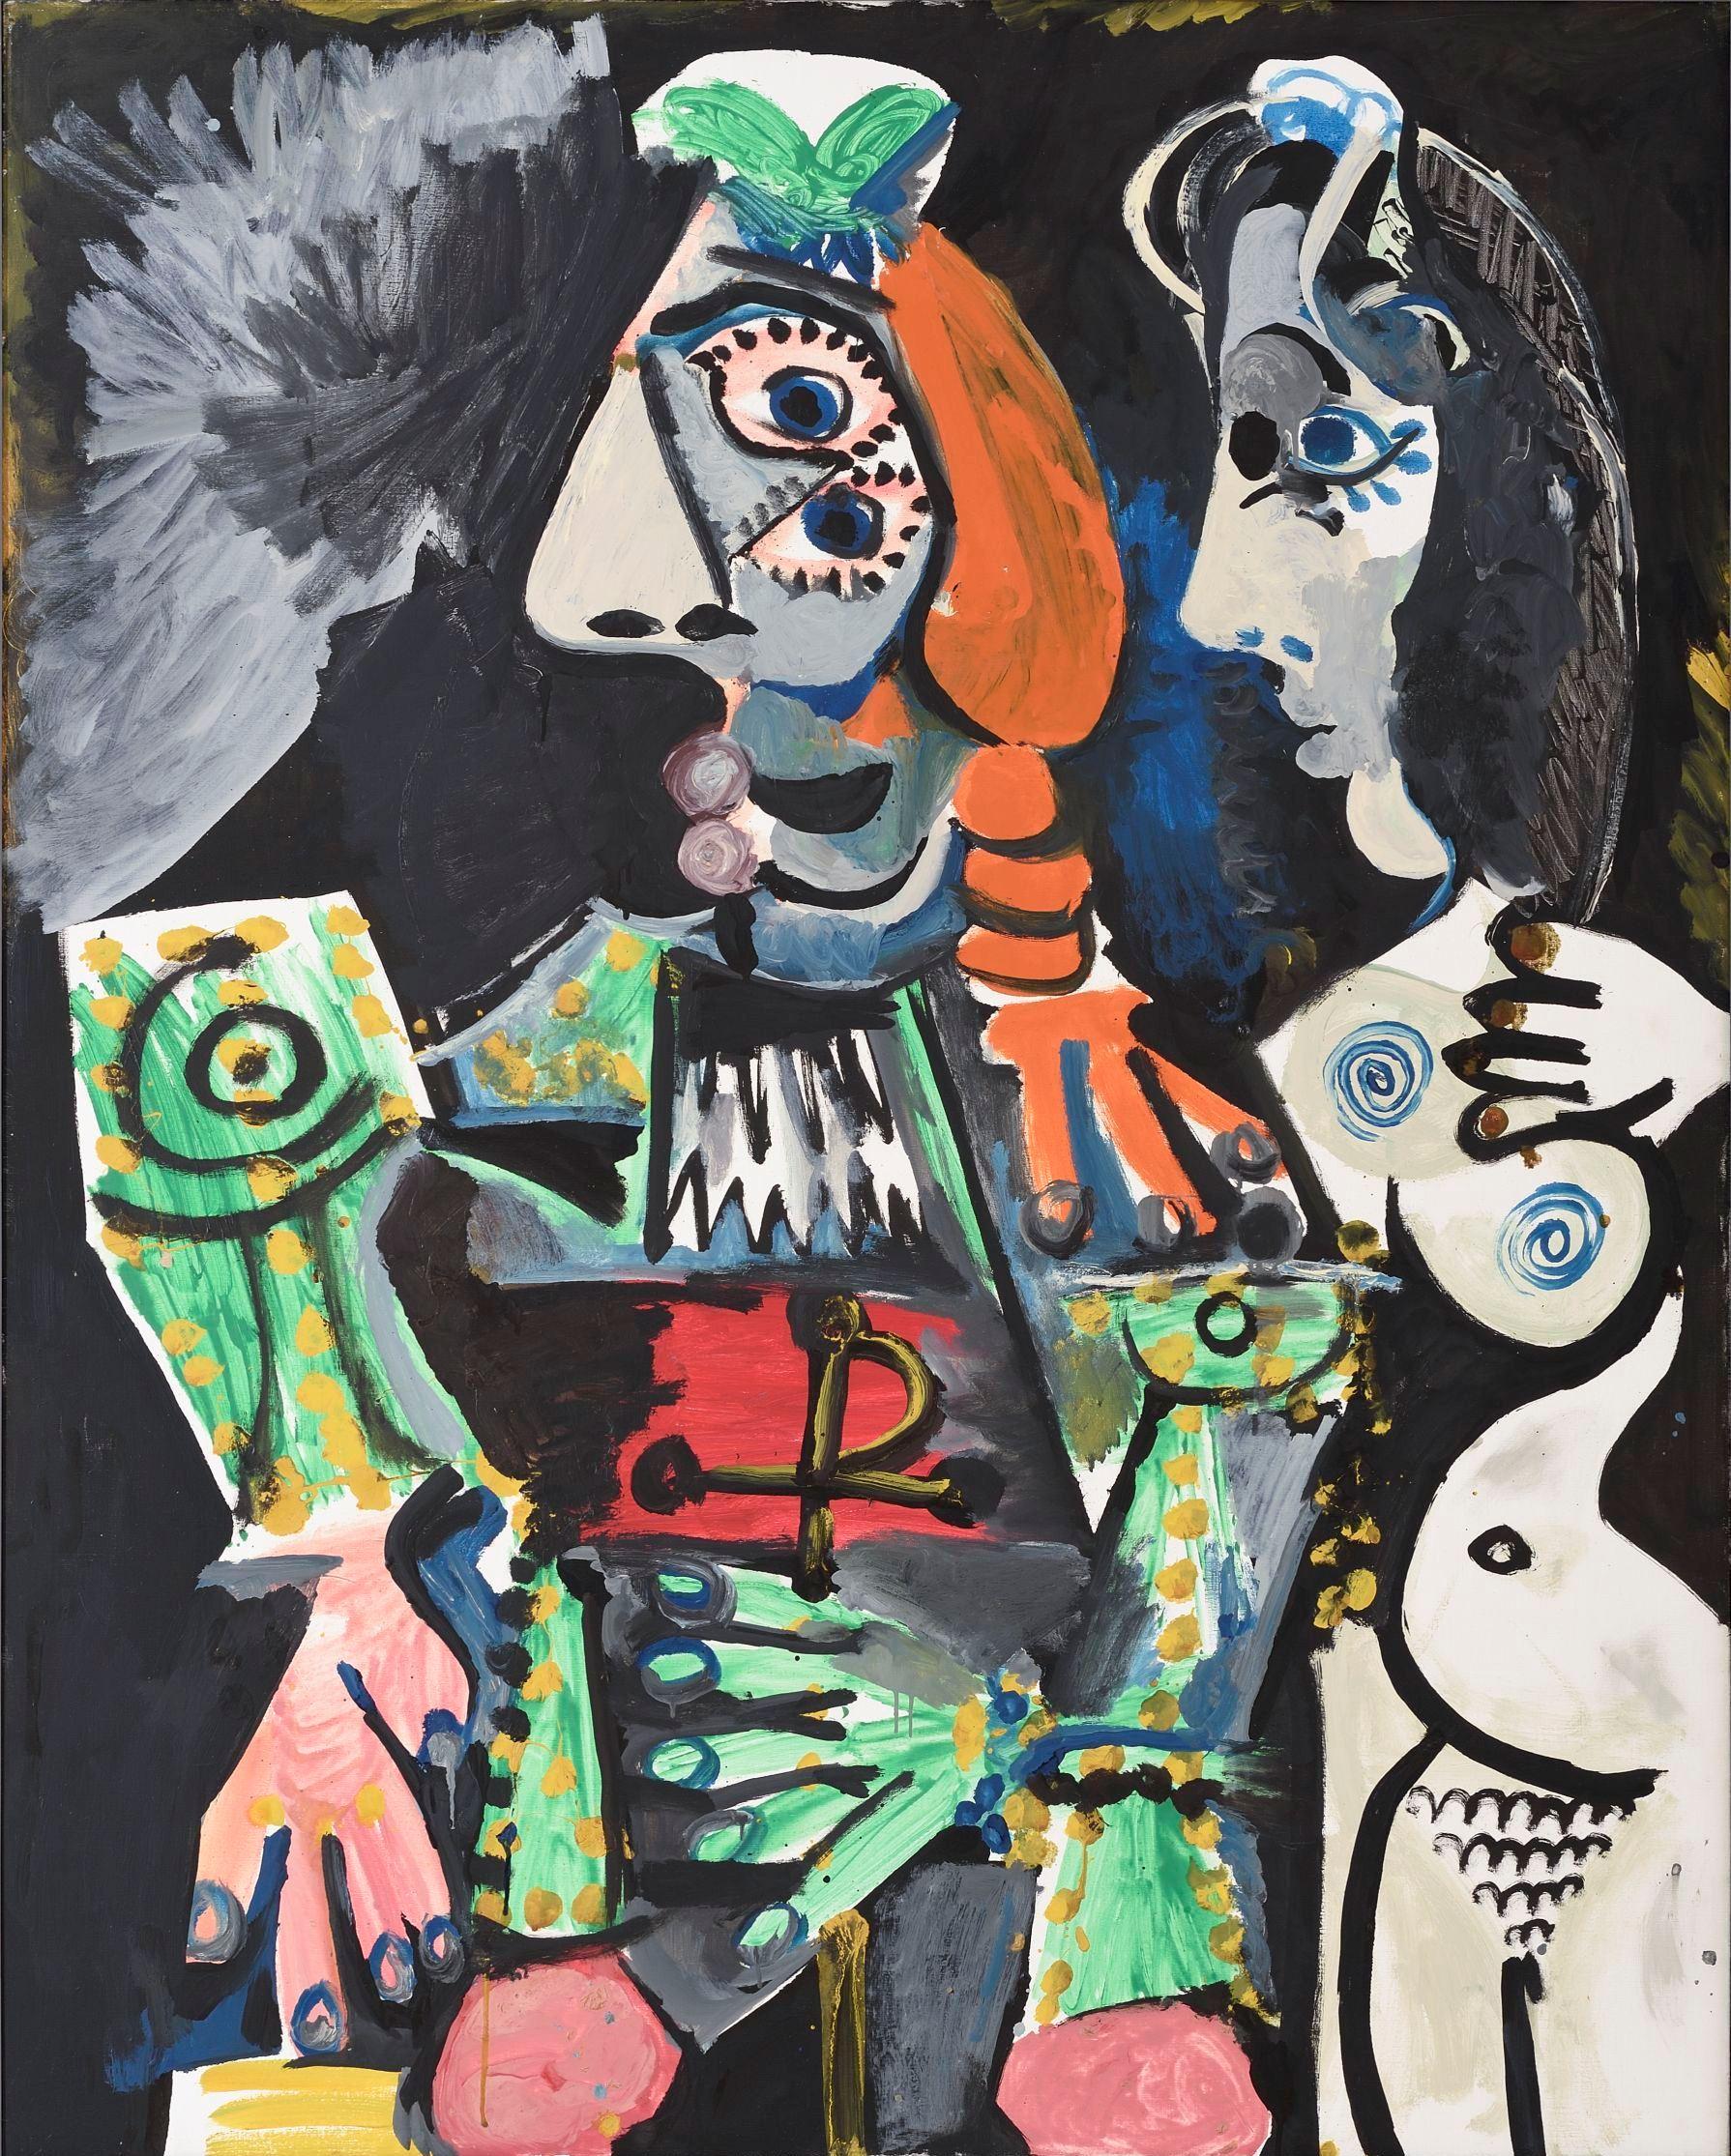 Pablo Picasso Matador meztelen nővel, 1970 (Matador et femmenue) vászon, olaj, 162 x 130 cm Ludwig Múzeum – Kortárs Művészeti Múzeum (Peter és Irene Ludwig adománya, 1989) fotó: Rosta József / Ludwig Múzeum – Kortárs Művészeti Múzeum © Succession Picasso